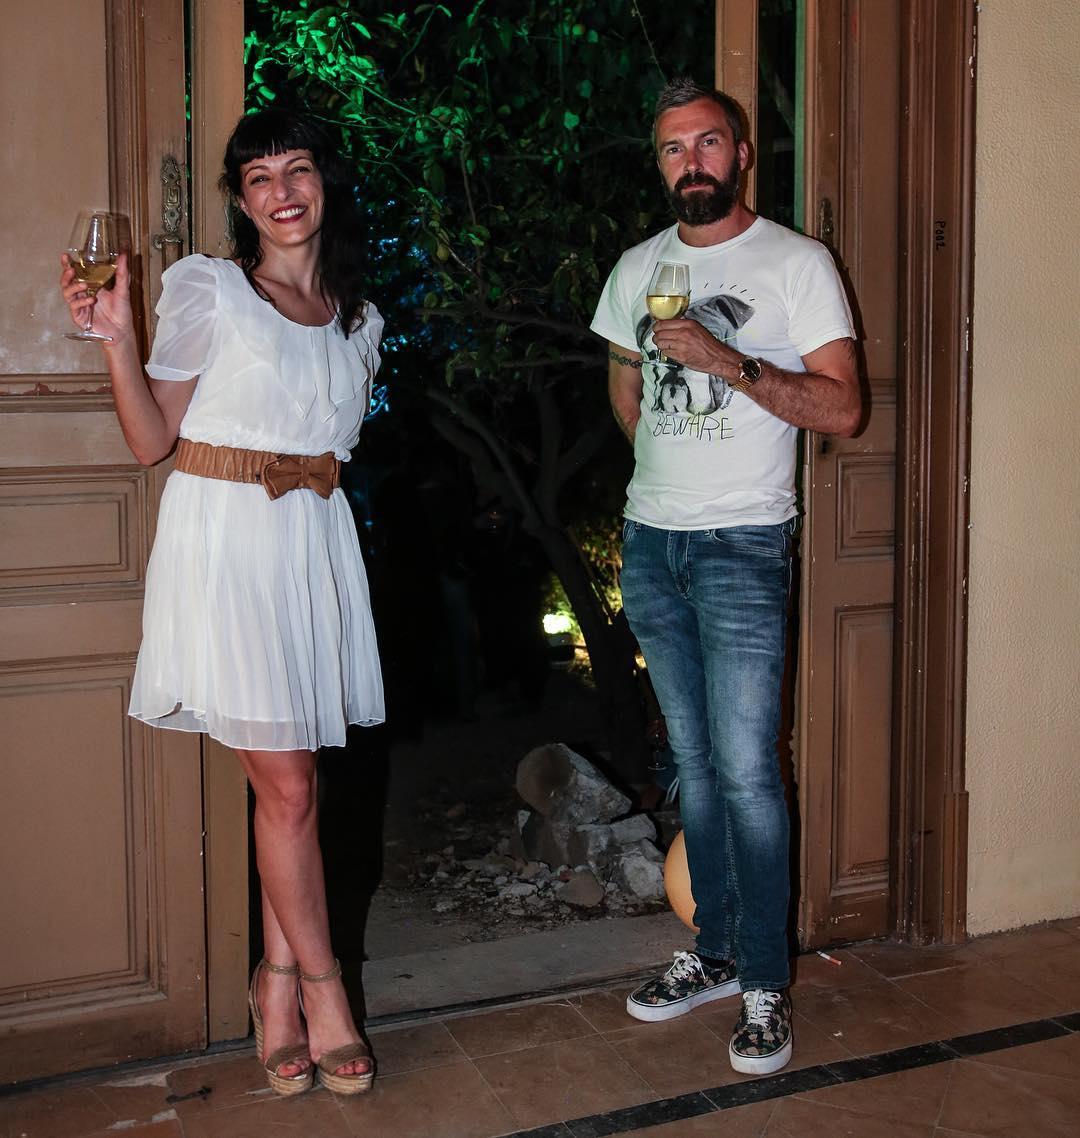 Mi momento afortunado 😊@VinoAfortunado con @carlesalmagro por @victorlobe #vinoafortunado #momentosA #villamyfair 👠👠🍷